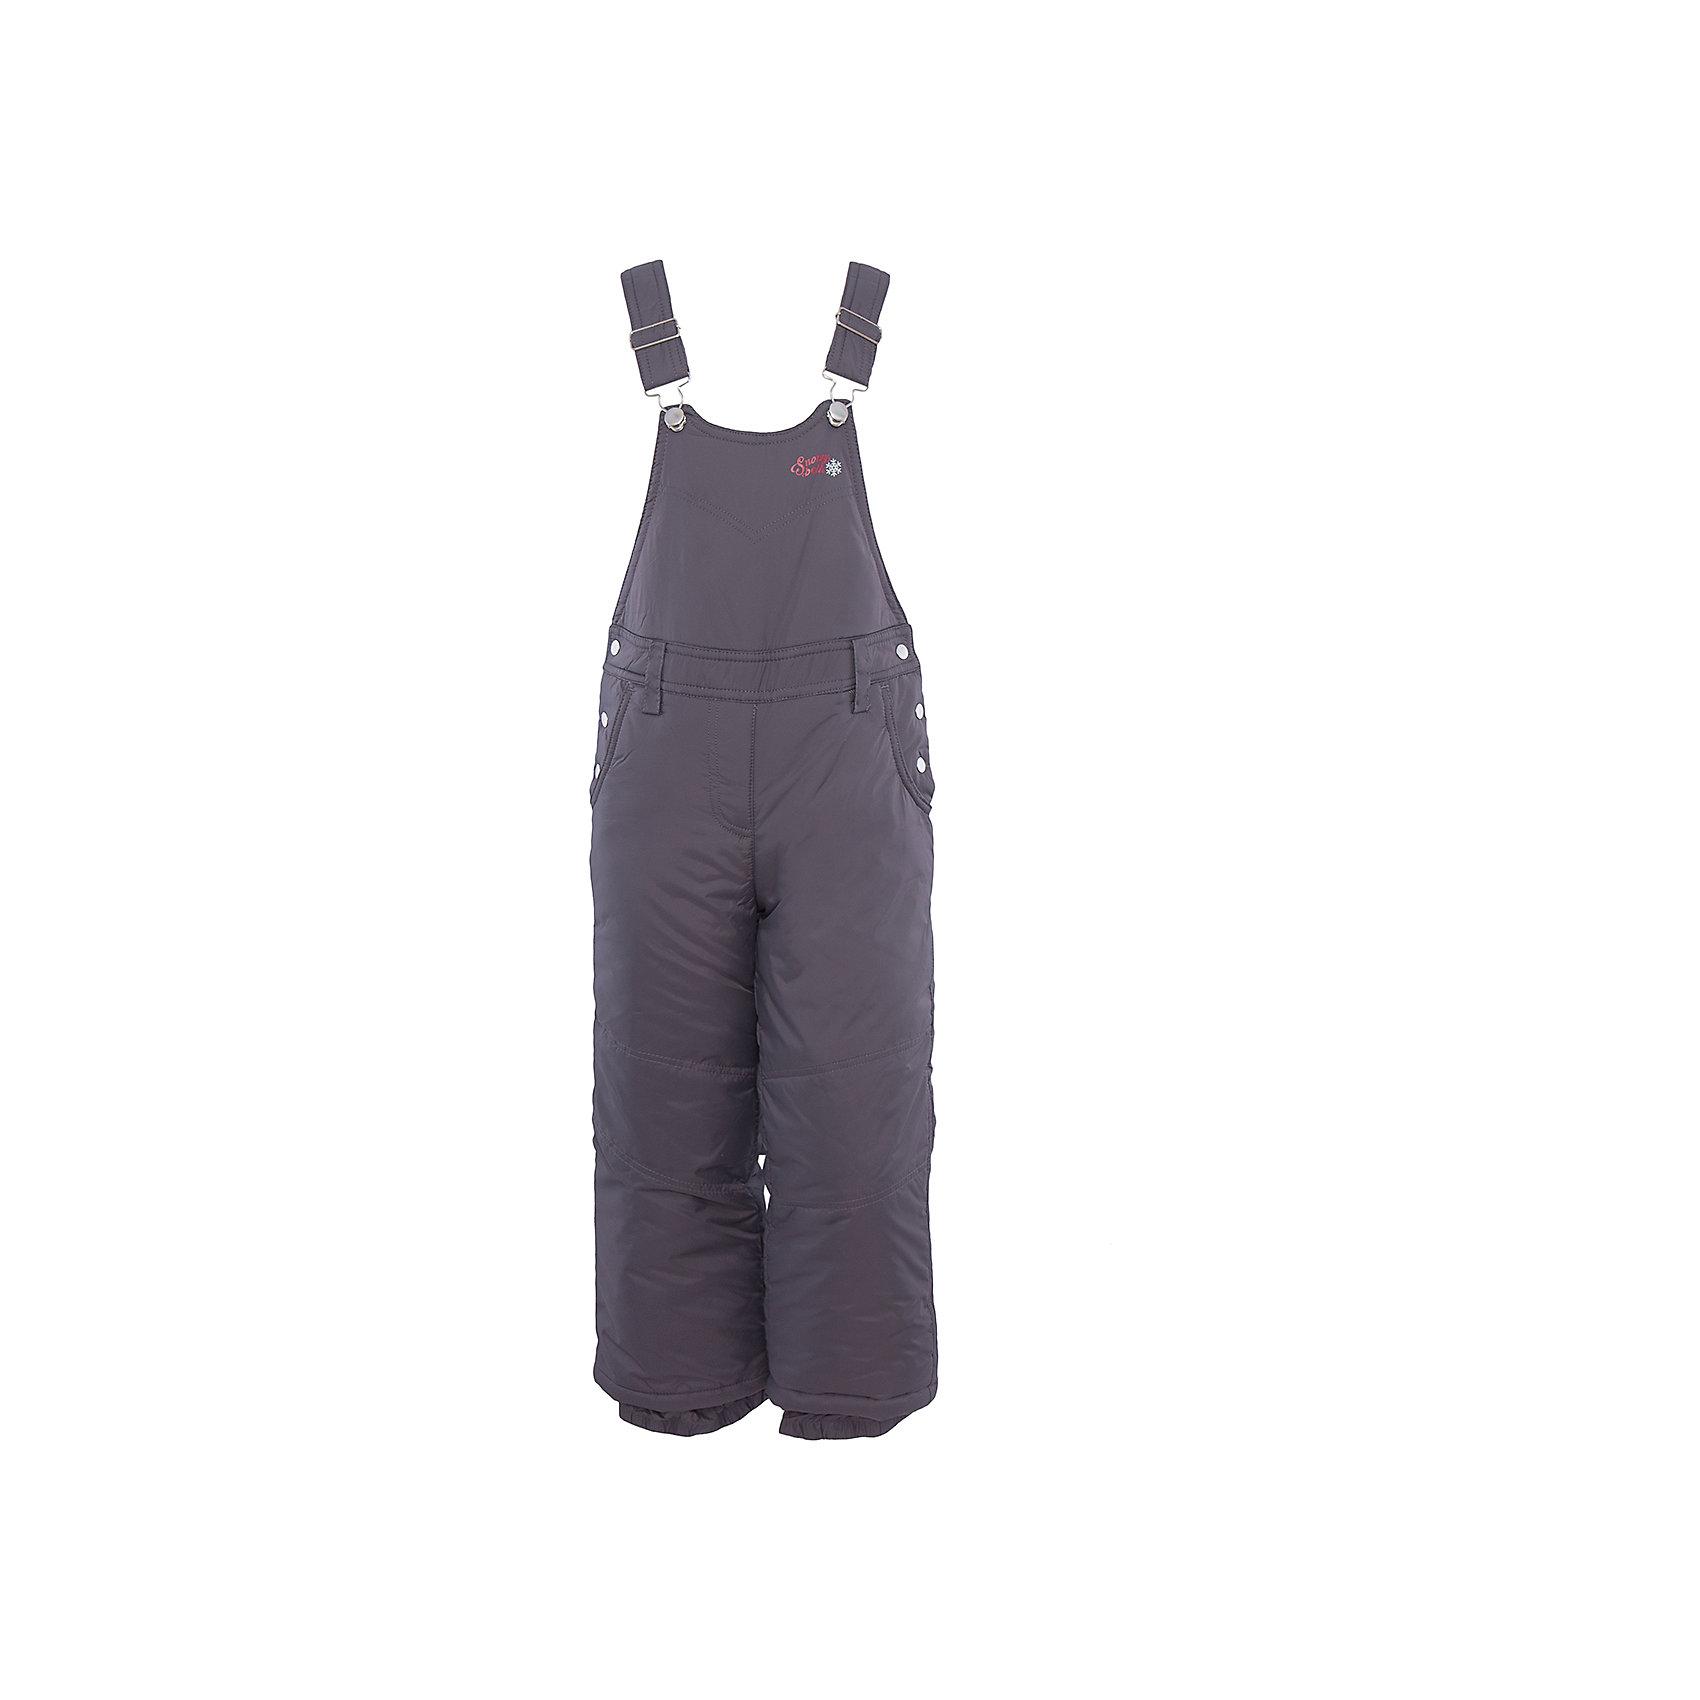 Комбинезон для девочки SELAВерхняя одежда<br>Утепленный комбинезон - незаменимая вещь для детей в прохладное время года. Эта модель отлично сидит на ребенке, она сшита из плотного материала, позволяет заниматься спортом на свежем воздухе зимой. Мягкая подкладка не вызывает аллергии и обеспечивает ребенку комфорт. Модель станет отличной базовой вещью, которая будет уместна в различных сочетаниях.<br>Одежда от бренда Sela (Села) - это качество по приемлемым ценам. Многие российские родители уже оценили преимущества продукции этой компании и всё чаще приобретают одежду и аксессуары Sela.<br><br>Дополнительная информация:<br><br>материал: верх - 100% нейлон, утеплитель - 100% ПЭ, подкладка - 100% ПЭ;<br>регулируемые лямки;<br>застежки - кнопки.<br><br>Комбинезон для девочки от бренда Sela можно купить в нашем интернет-магазине.<br><br>Ширина мм: 356<br>Глубина мм: 10<br>Высота мм: 245<br>Вес г: 519<br>Цвет: серый<br>Возраст от месяцев: 132<br>Возраст до месяцев: 144<br>Пол: Женский<br>Возраст: Детский<br>Размер: 152,116,128,140<br>SKU: 5008138